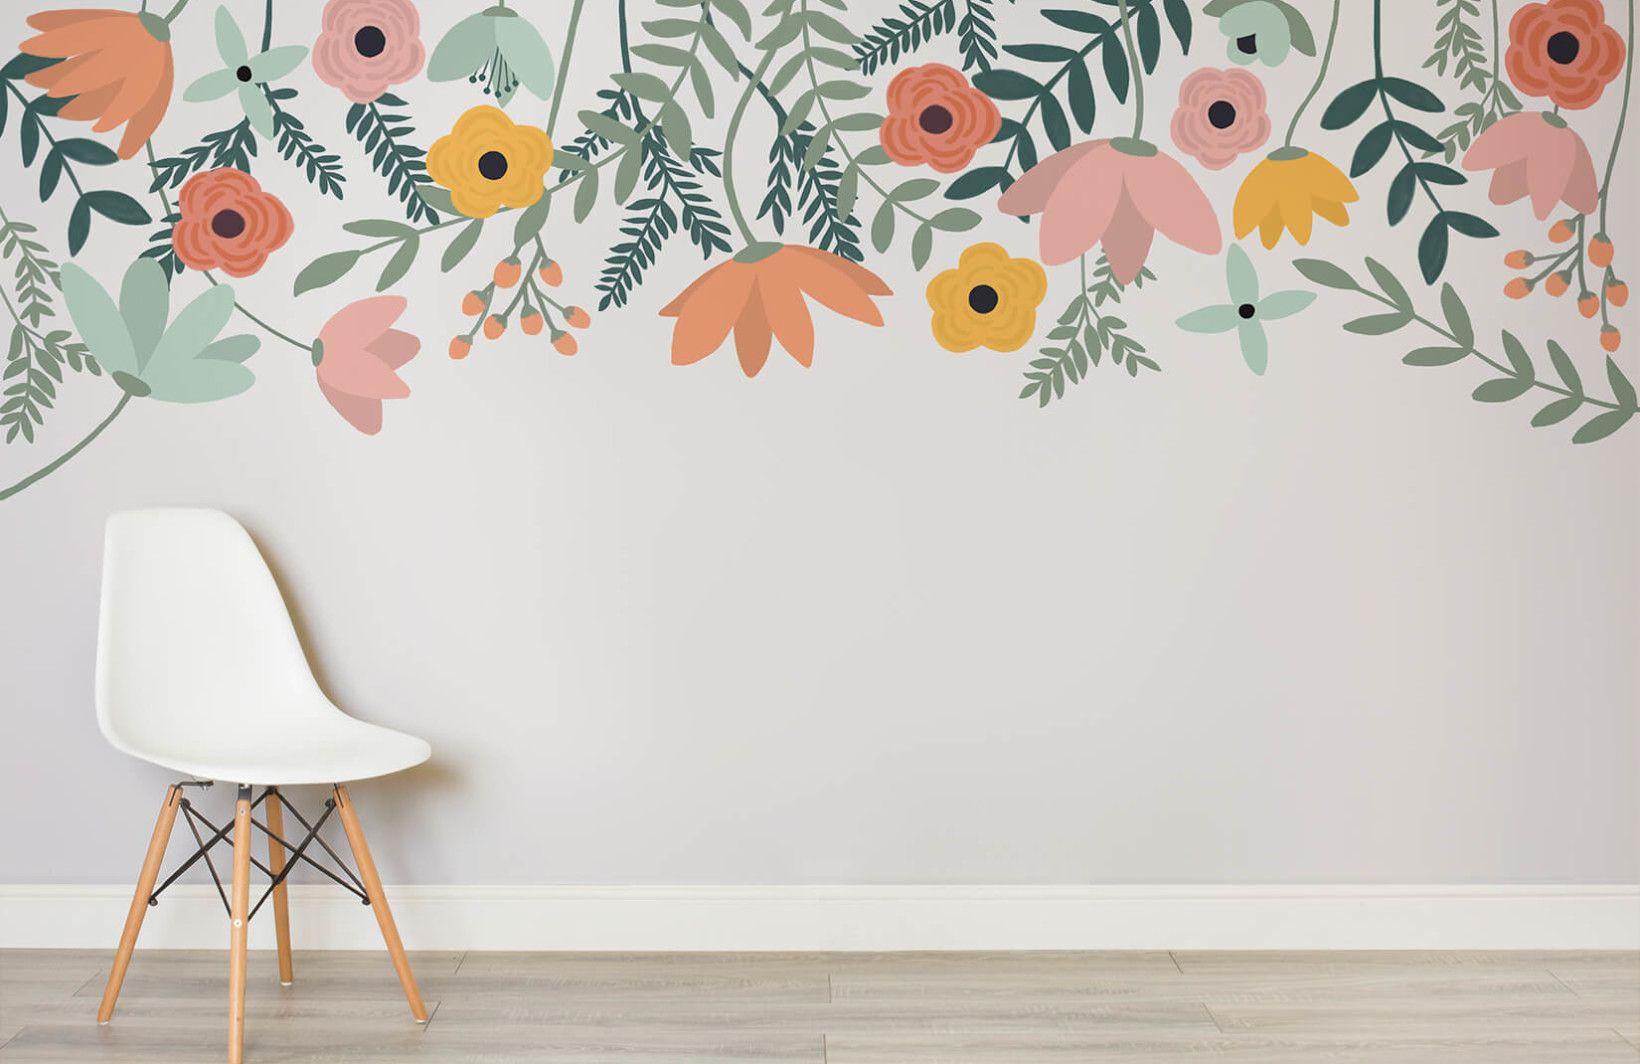 Flower Wallpaper Floral Wallpaper Murals Wallpaper Kids Wall Murals Kids Room Murals Wall Painting Decor